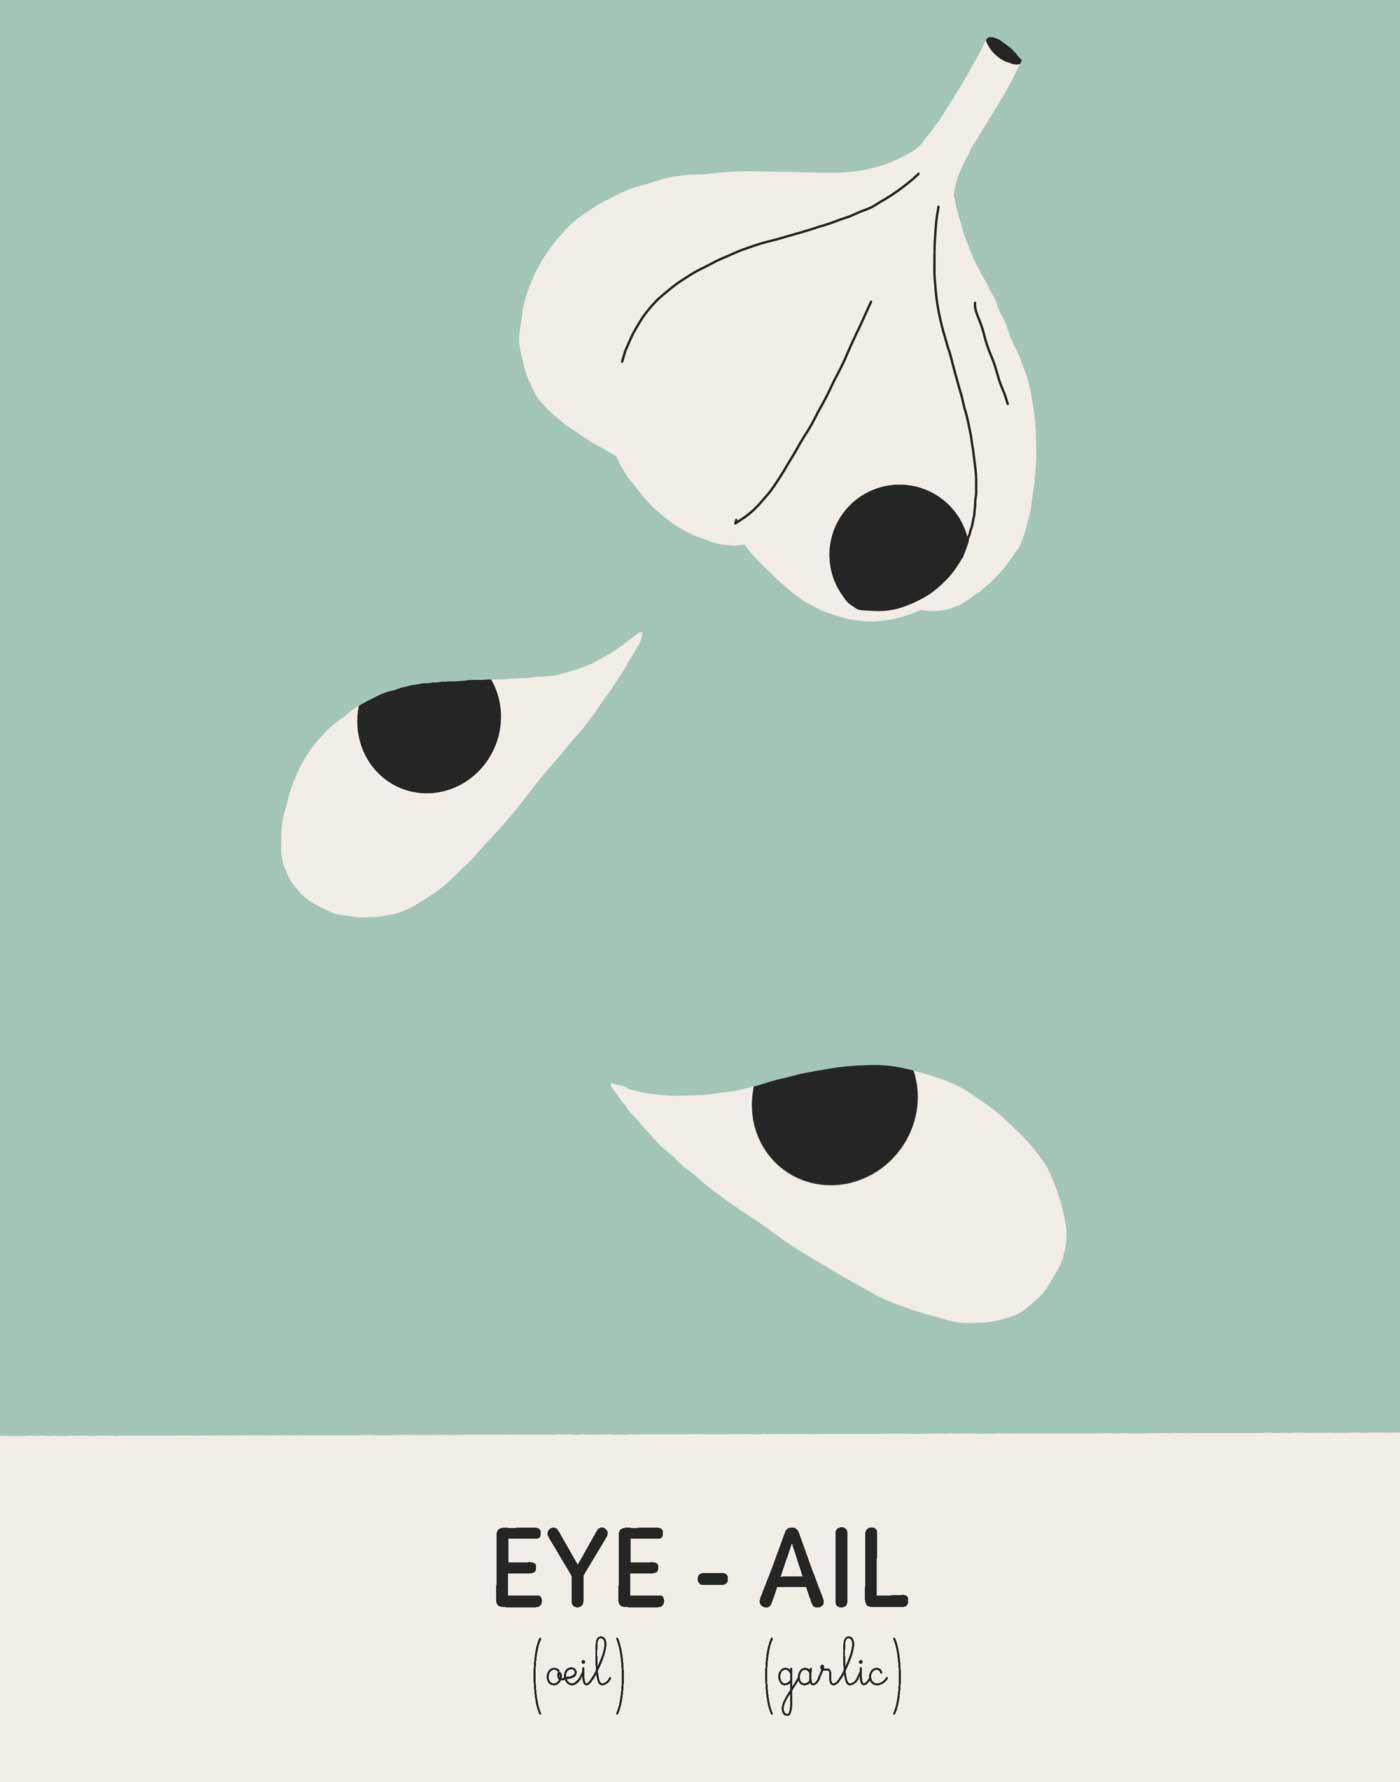 Illustrationen zu Wörtern, die im Englischen und Französischen gleich klingen Julien-Posture-an-eye-for-an-ail_03